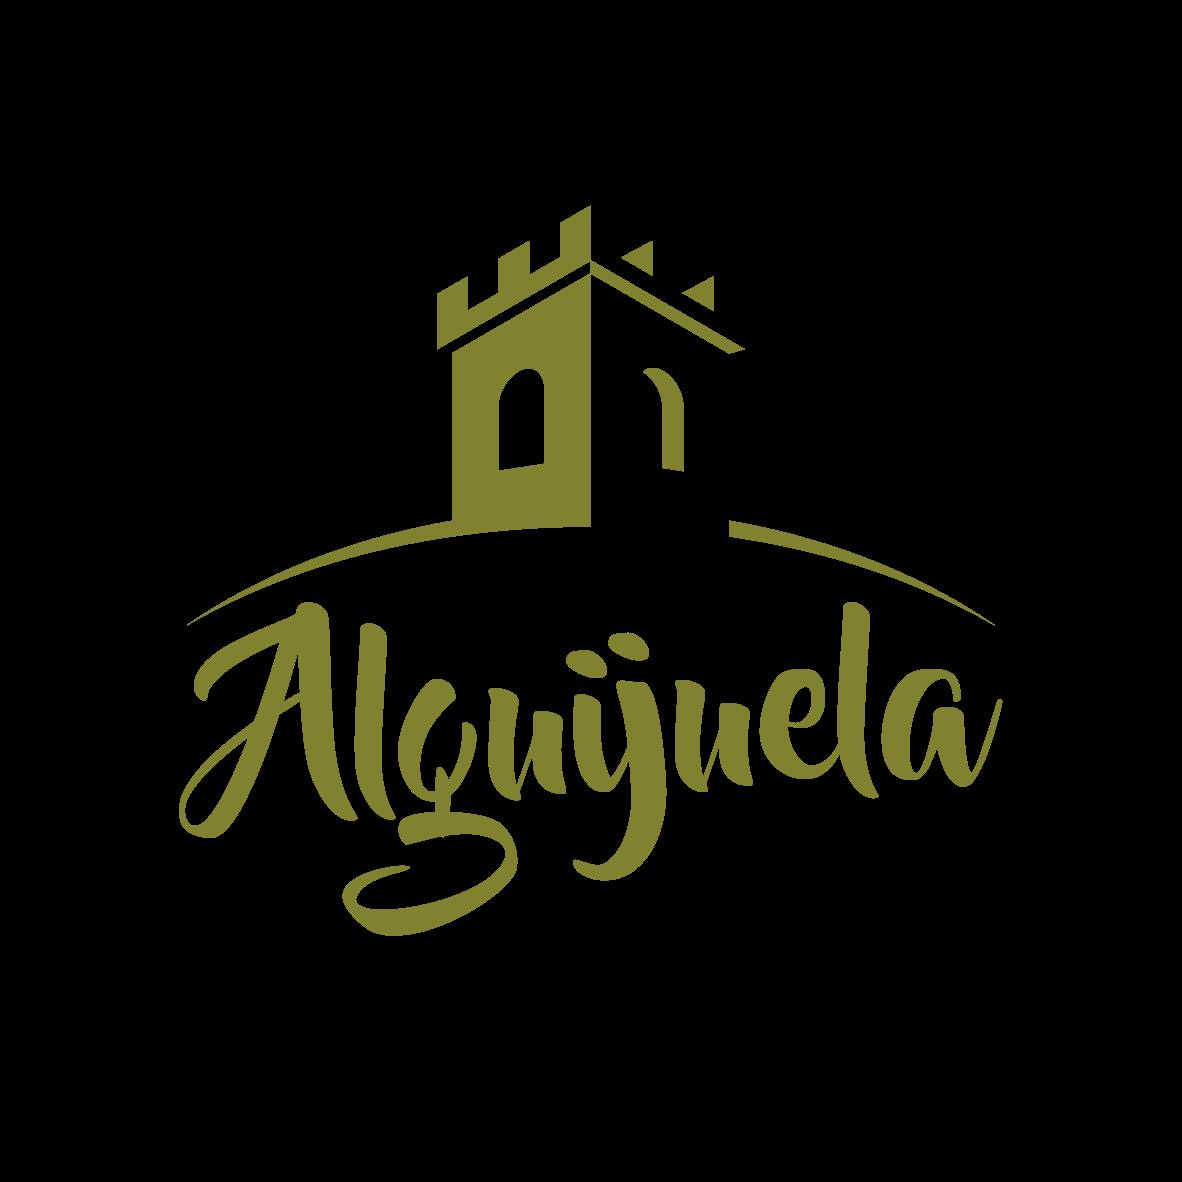 Aceites Alguijuela